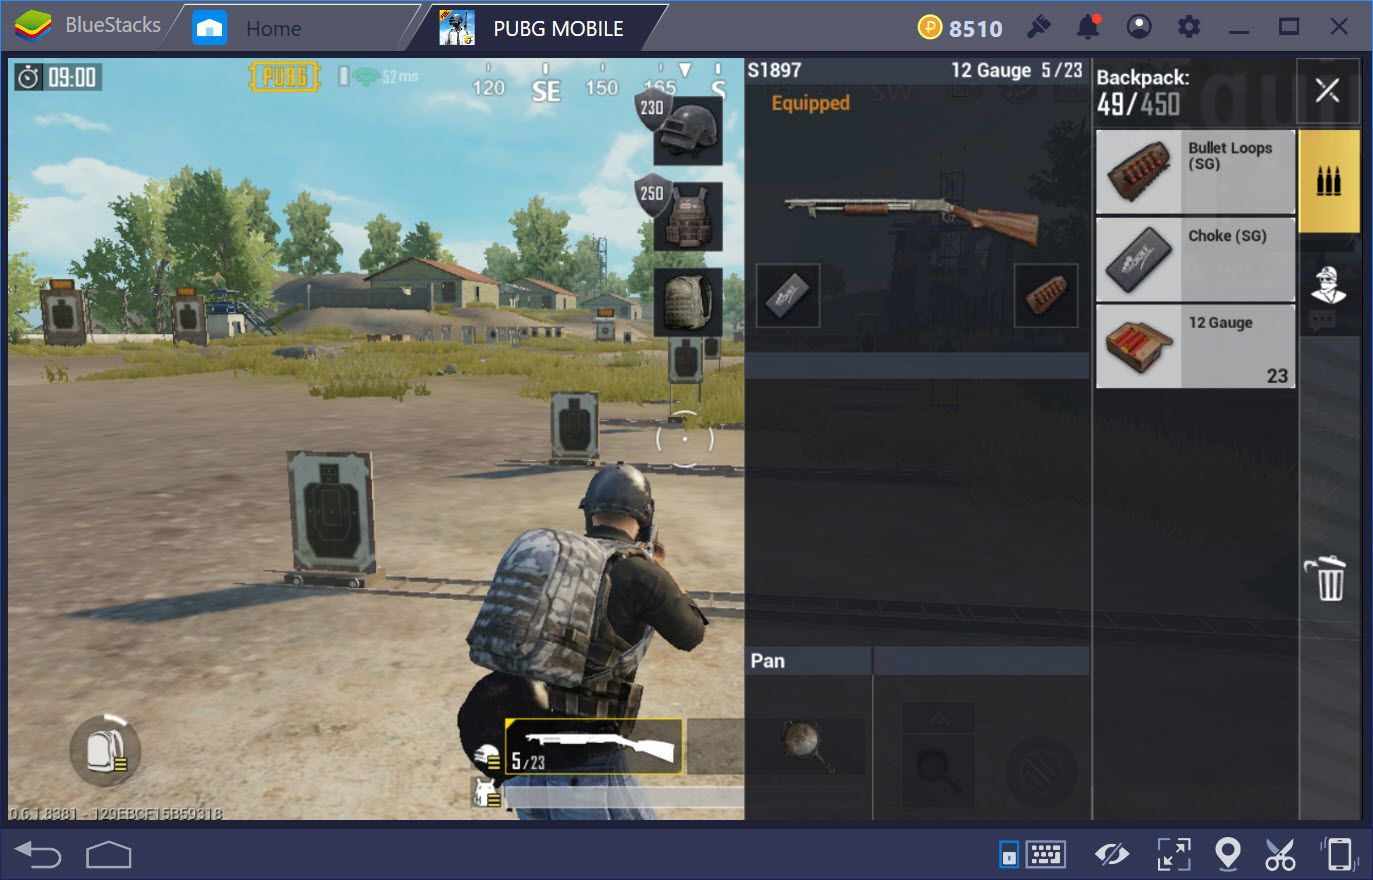 Shotgun là gì và sử dụng chúng thế nào cho hiệu quả trong PUBG Mobile